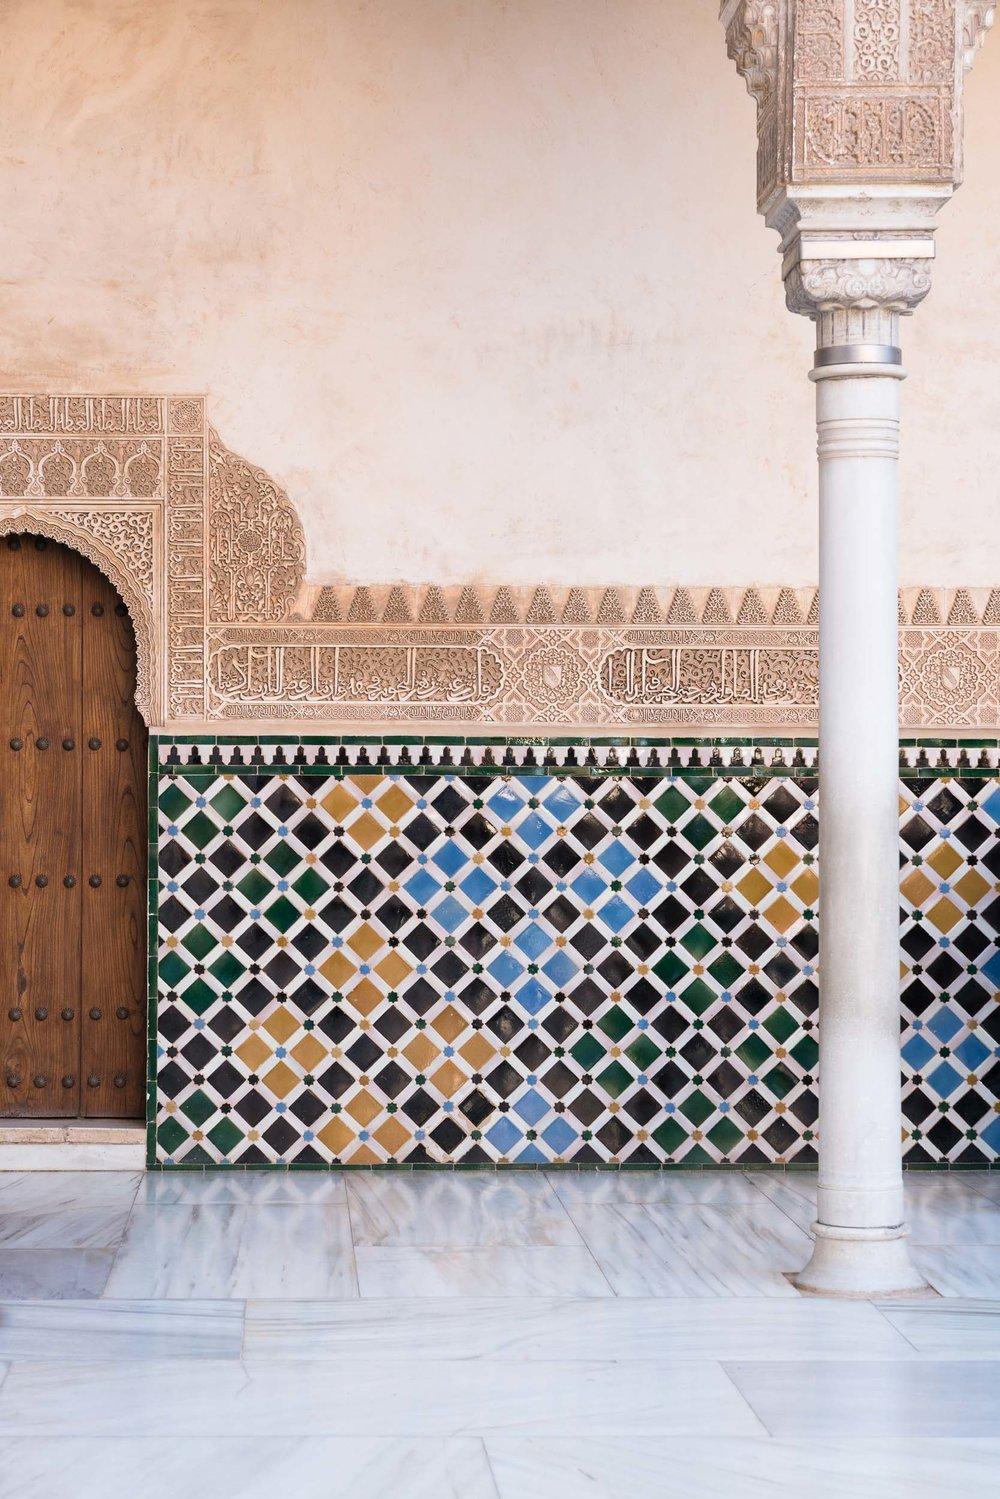 granada_alhambra-1.jpg